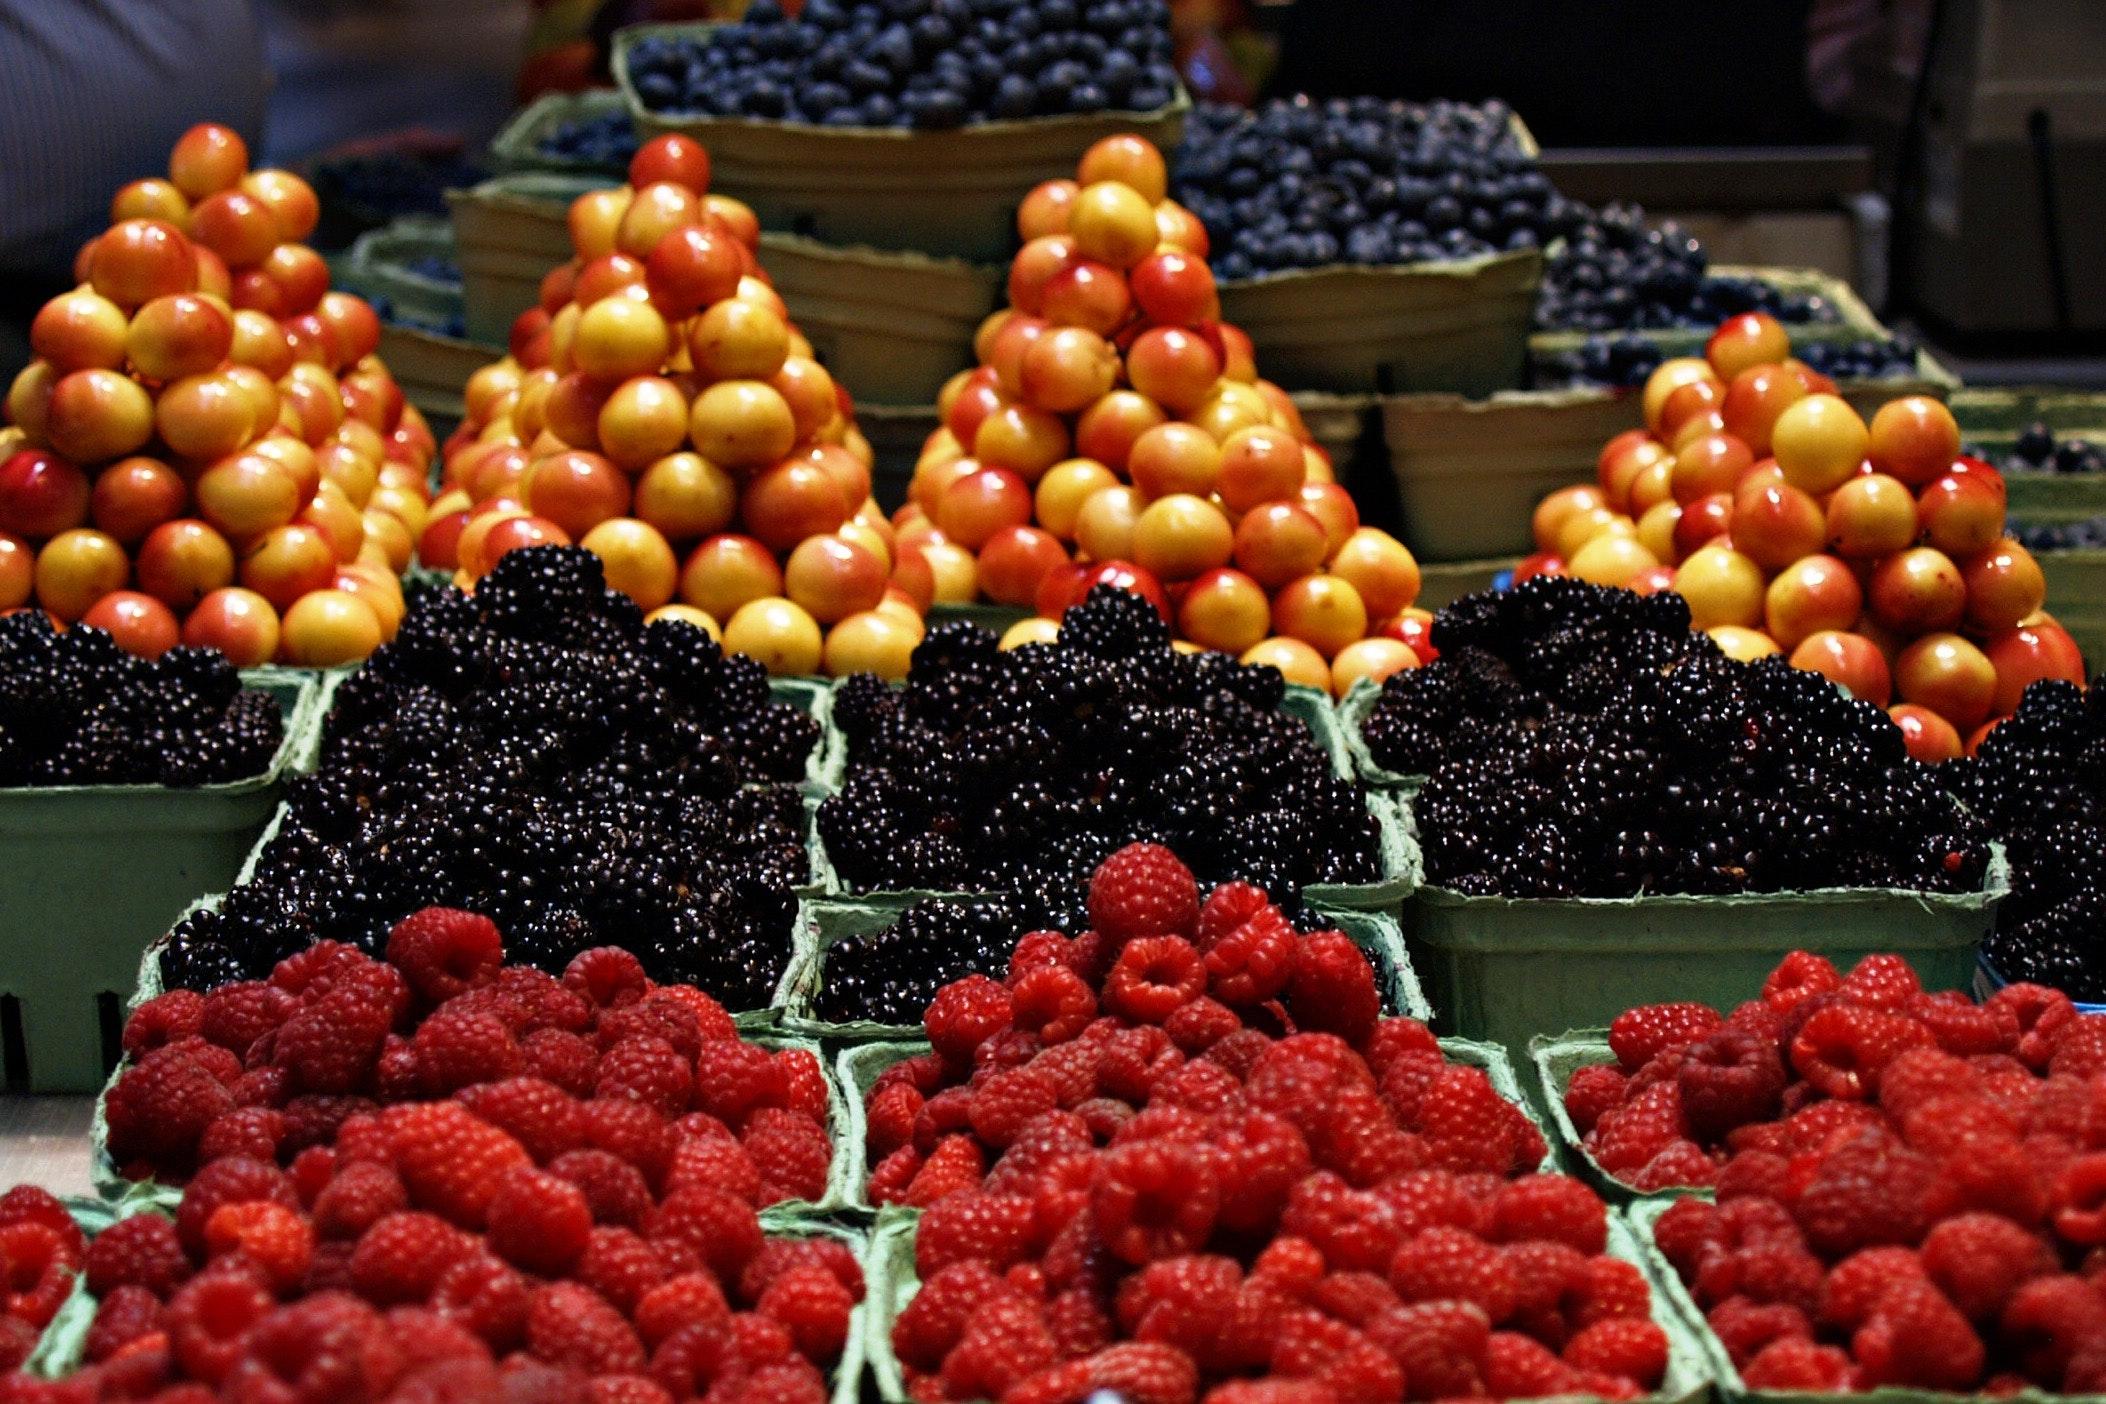 bunch-cherries-colorful-86459.jpg